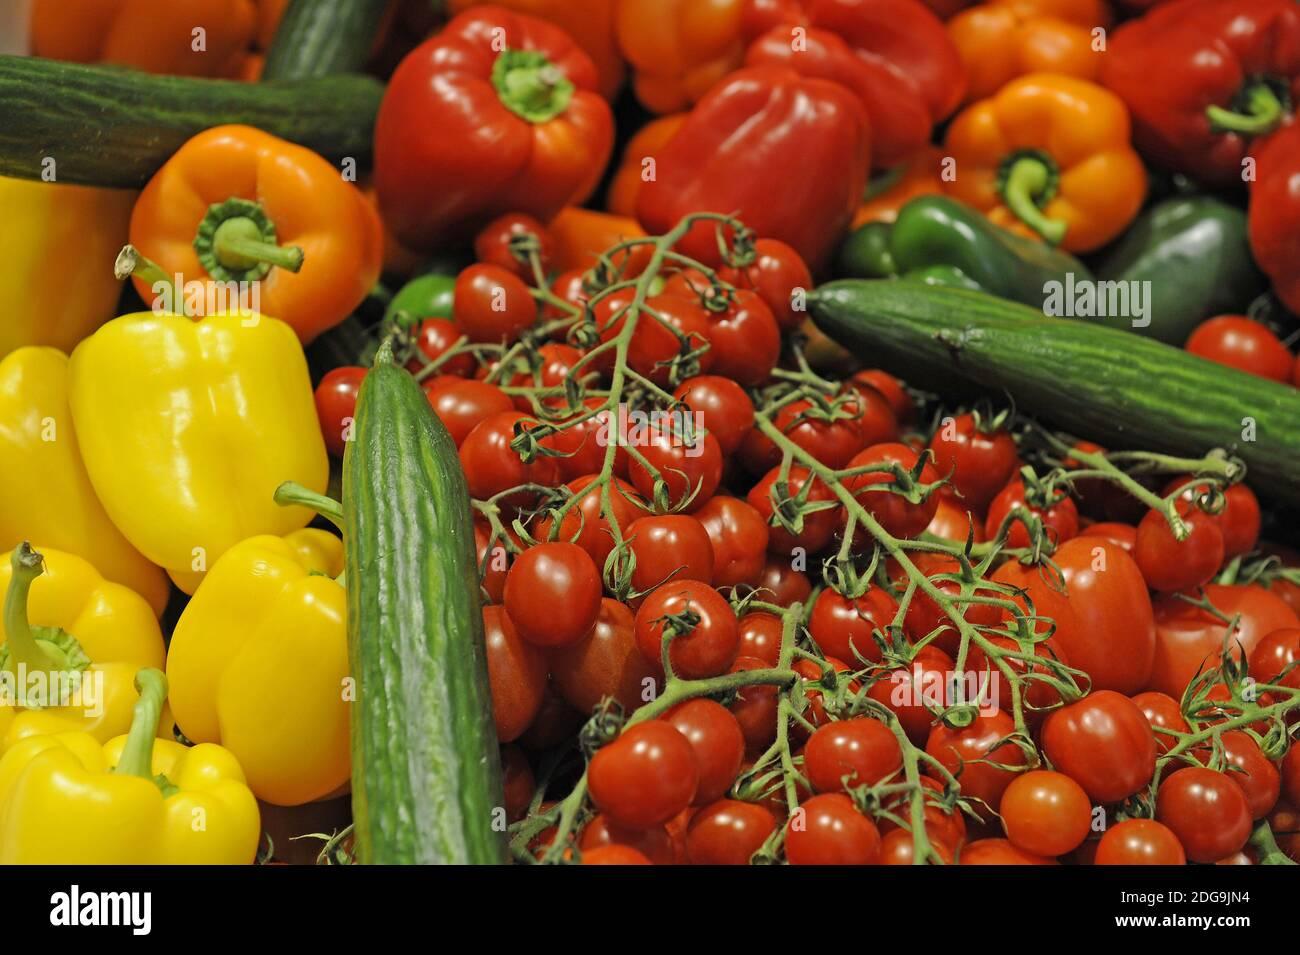 Bunter Gemüsekorb mit roten Paprika, Strauchtomaten, grünen Gurken, gelben Paprika, Stock Photo